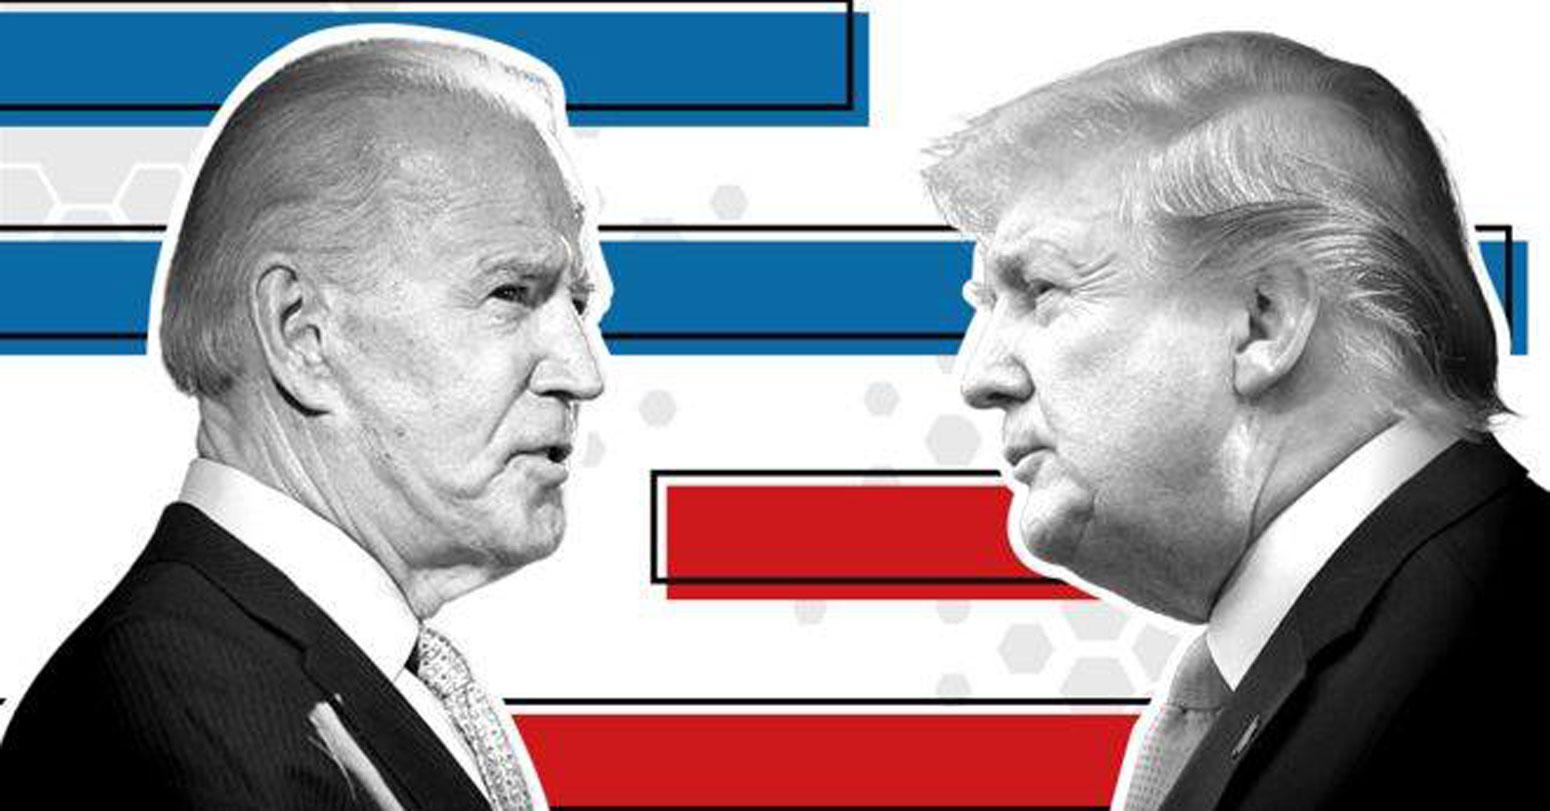 अमेरिकी राष्ट्रपतिय निर्वाचनमा कति हुन्छ खर्च ?